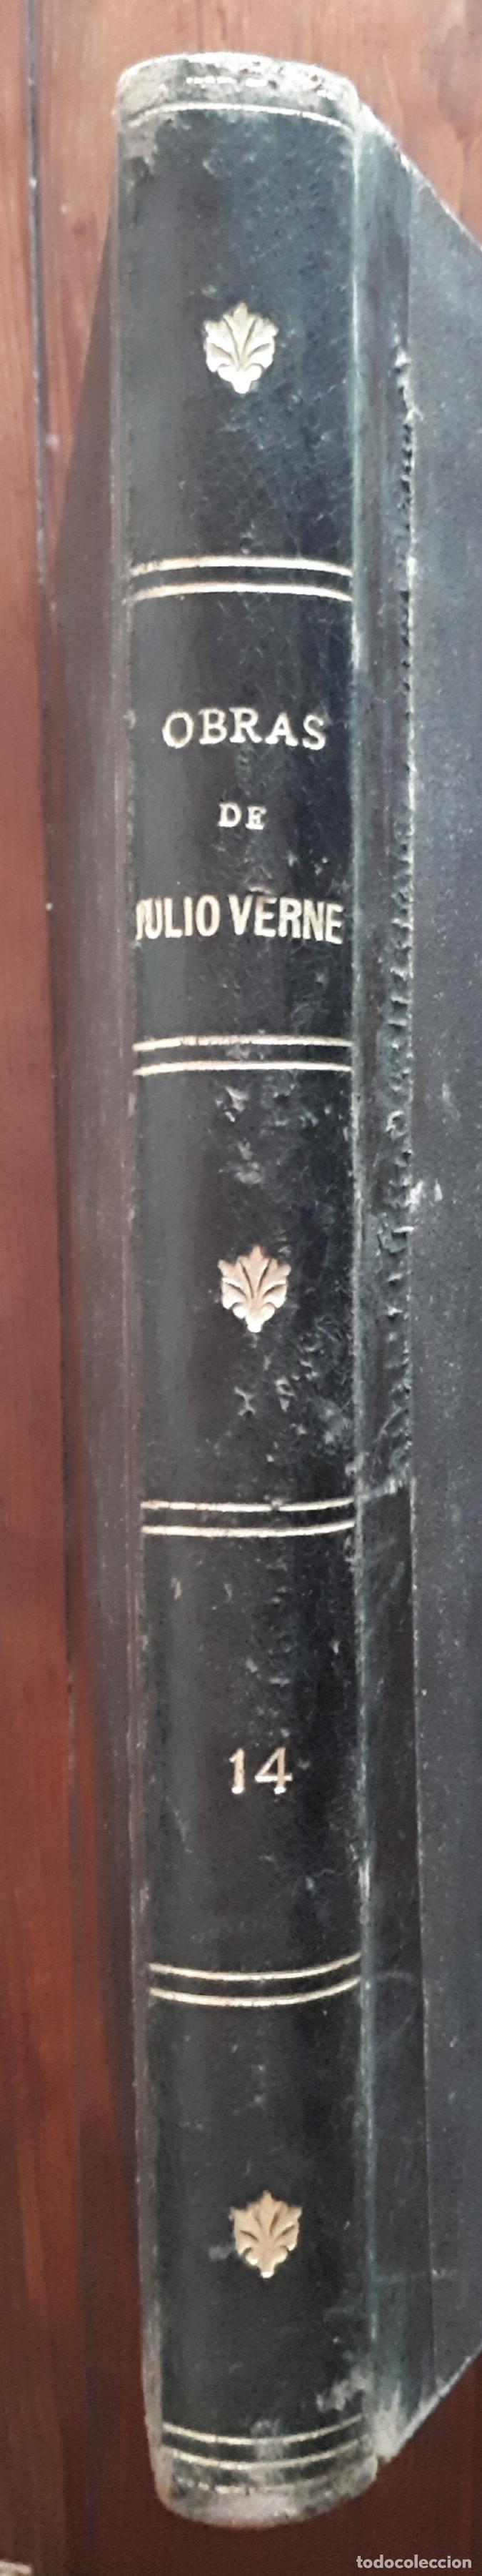 Libros antiguos: BIBLIOTECA DEL VAPOR CORREO INFANTA ISABEL DE BORBÓN 2 OBRAS DE JULIO VERNE - Foto 6 - 157966730